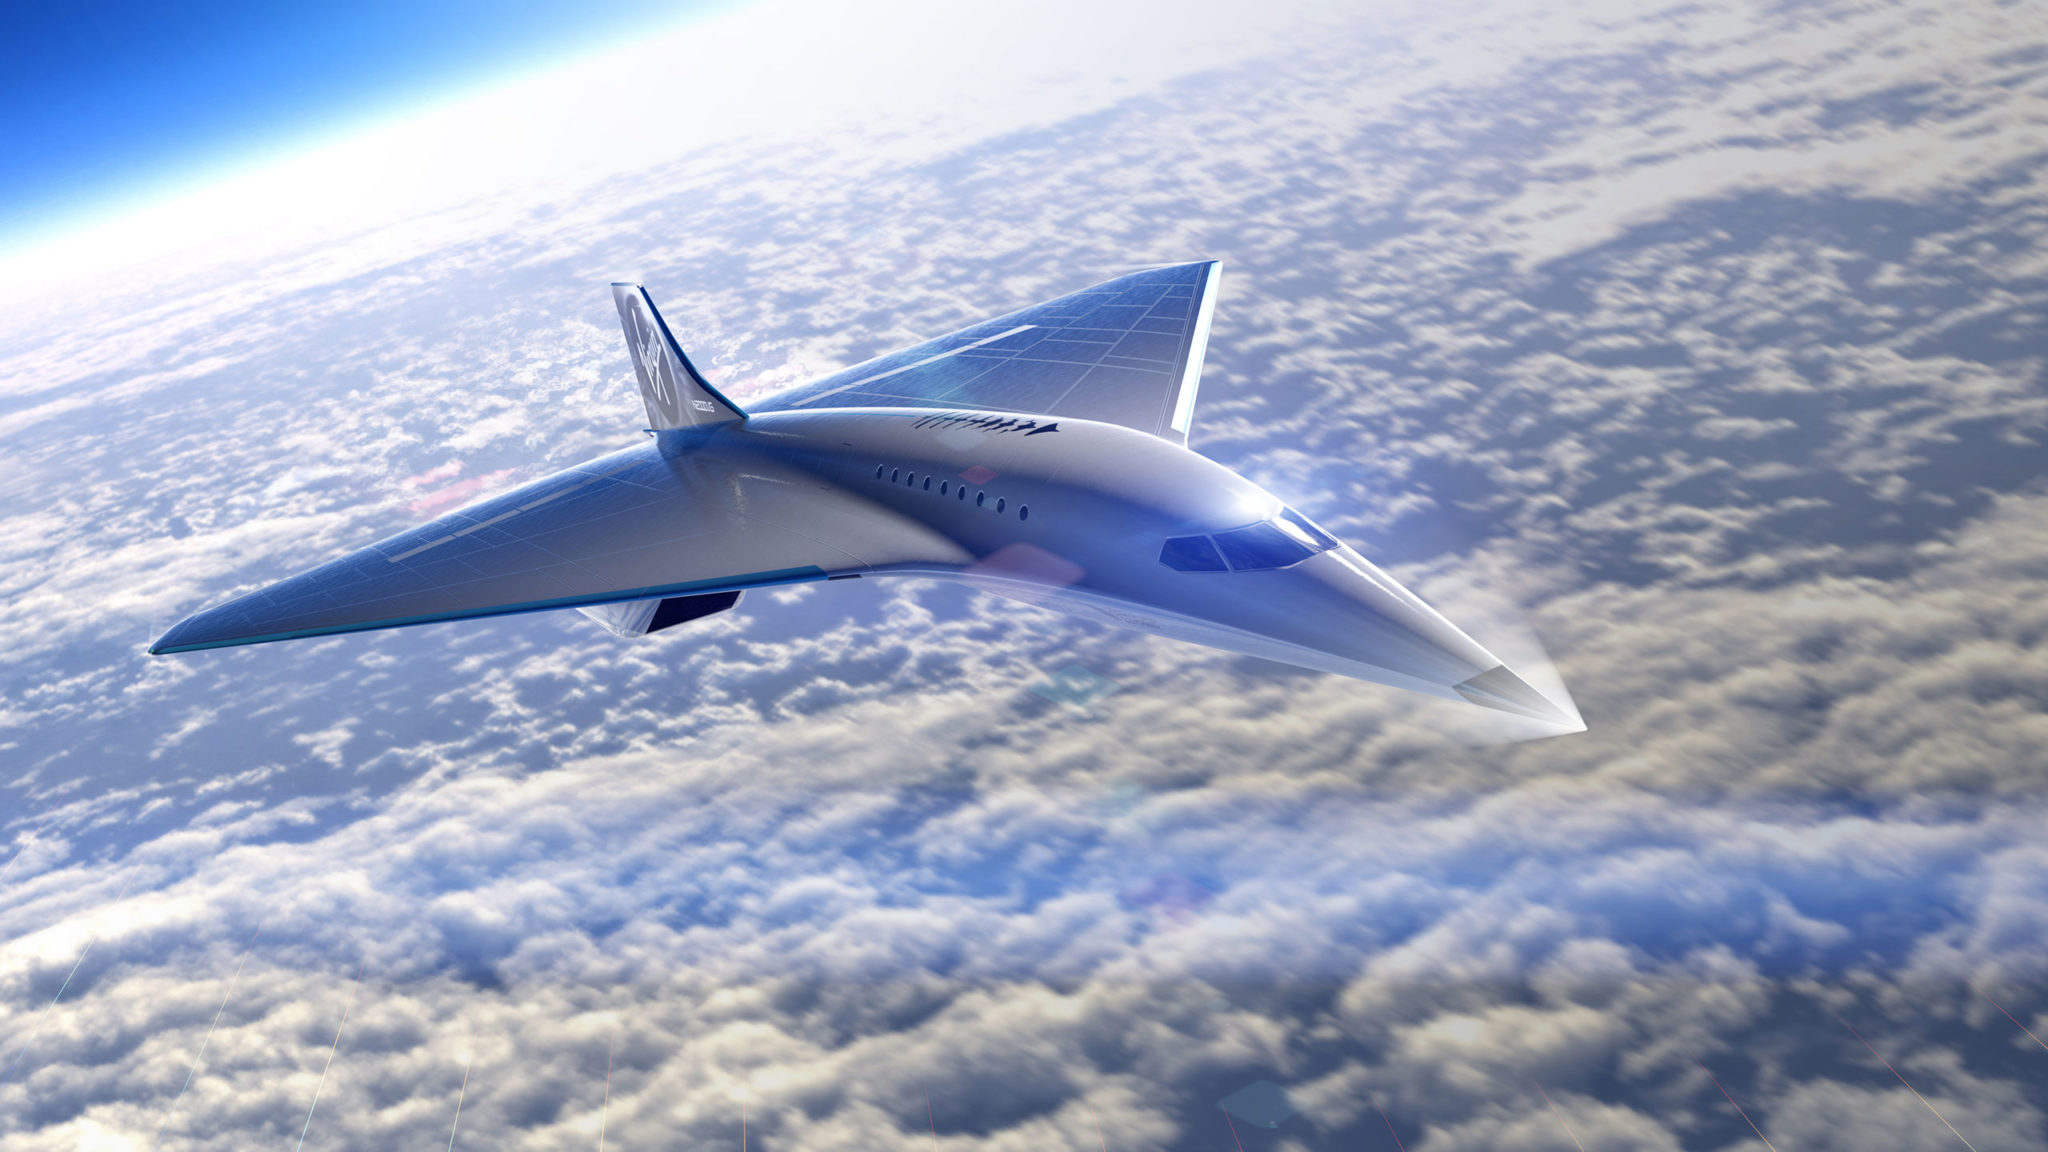 维珍银河(Virgin Galactic)的股价下跌逾6%,此前方舟太空ETF(Ark Space ETF)迅速抛售了一半股份科技新闻